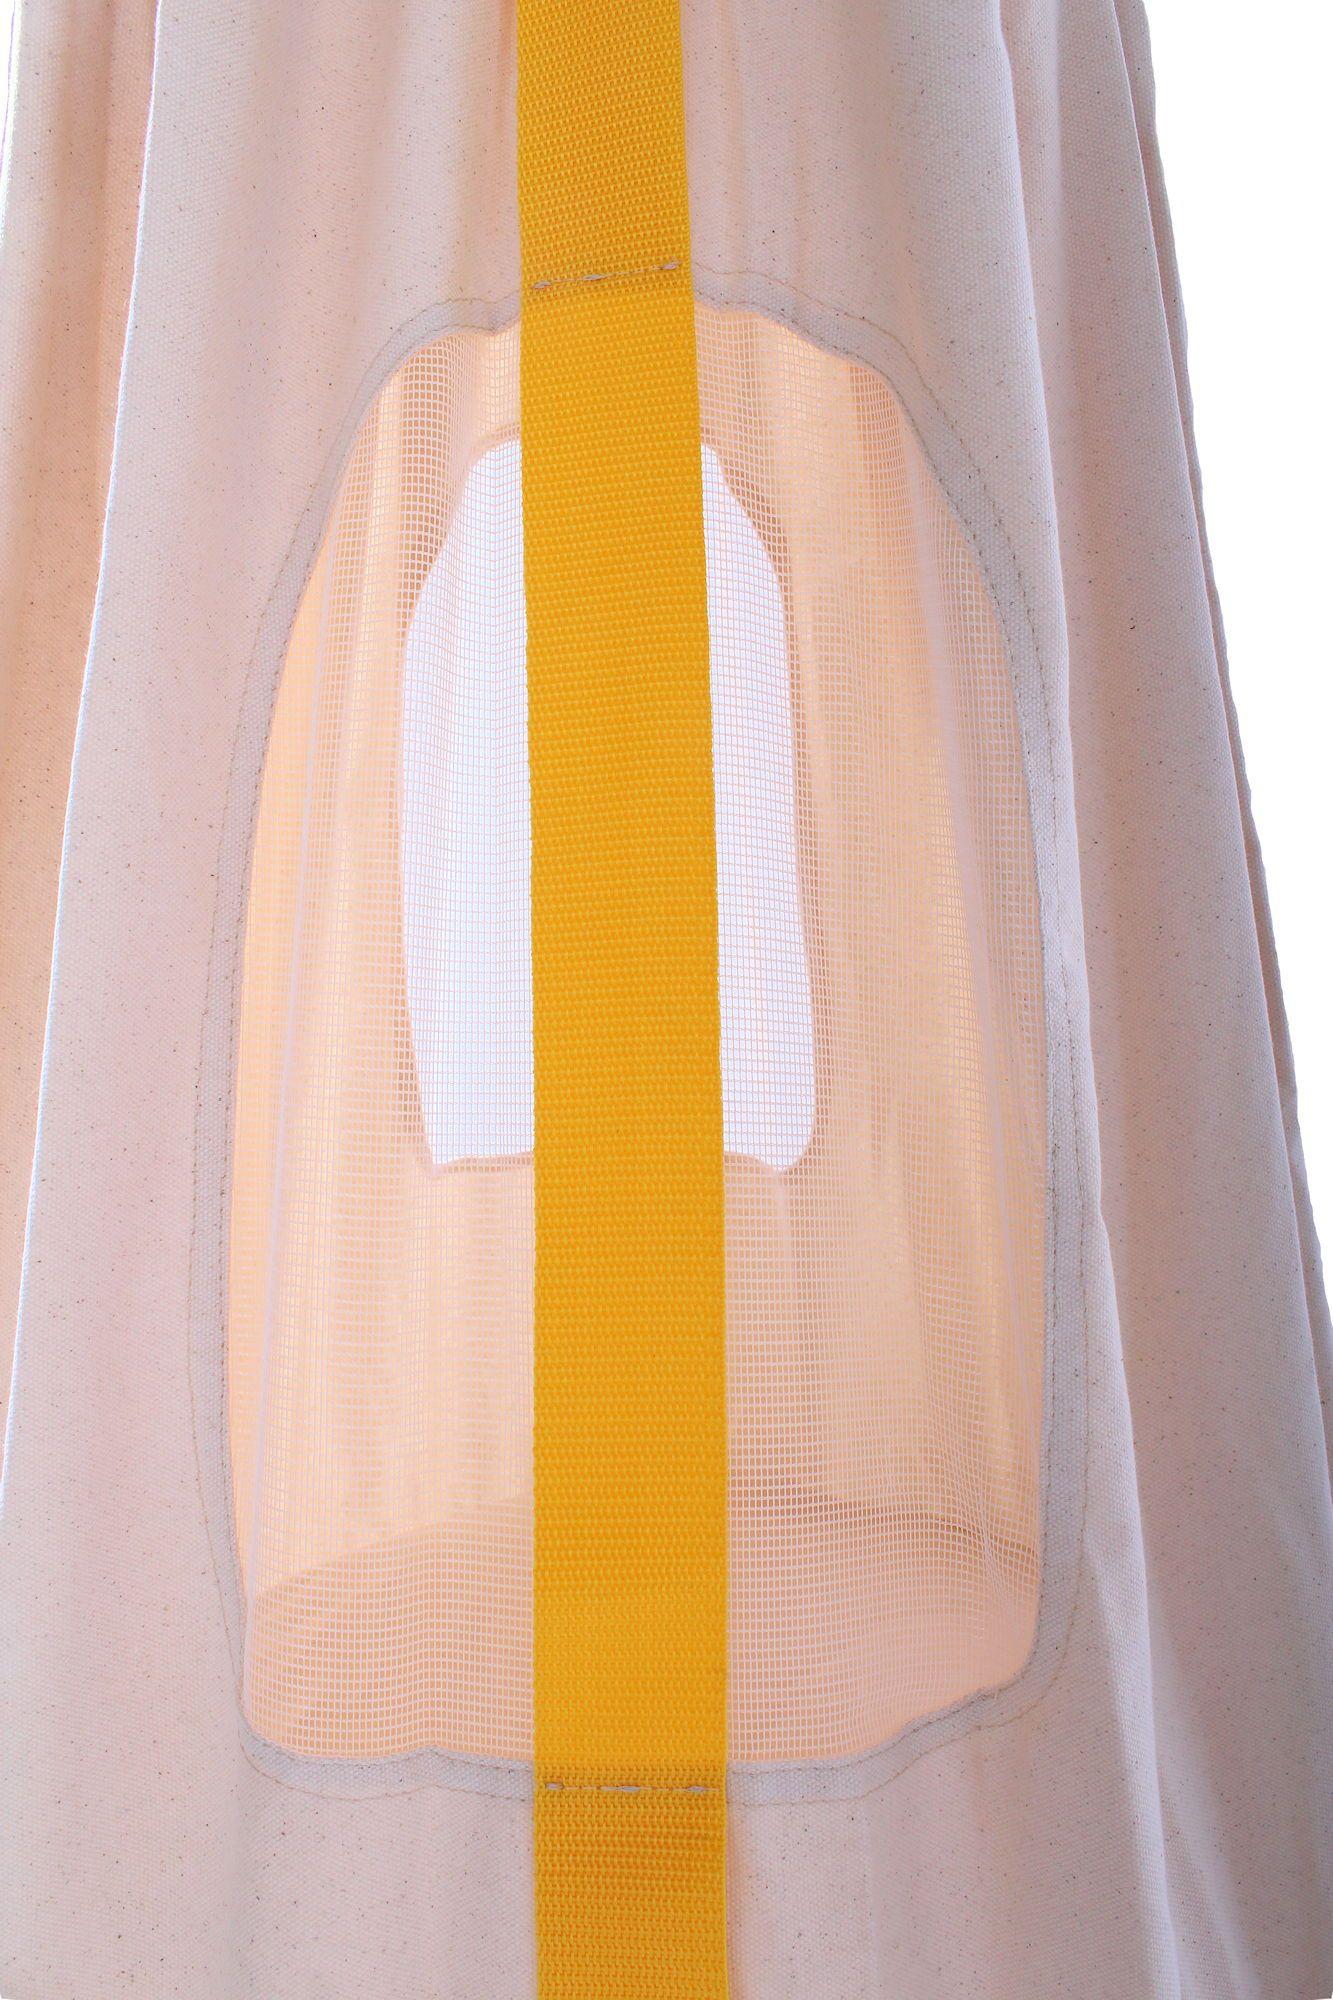 Kinderzimmer decke kinder hängehöhle hängesitz mit aufhängung von hobeagermany